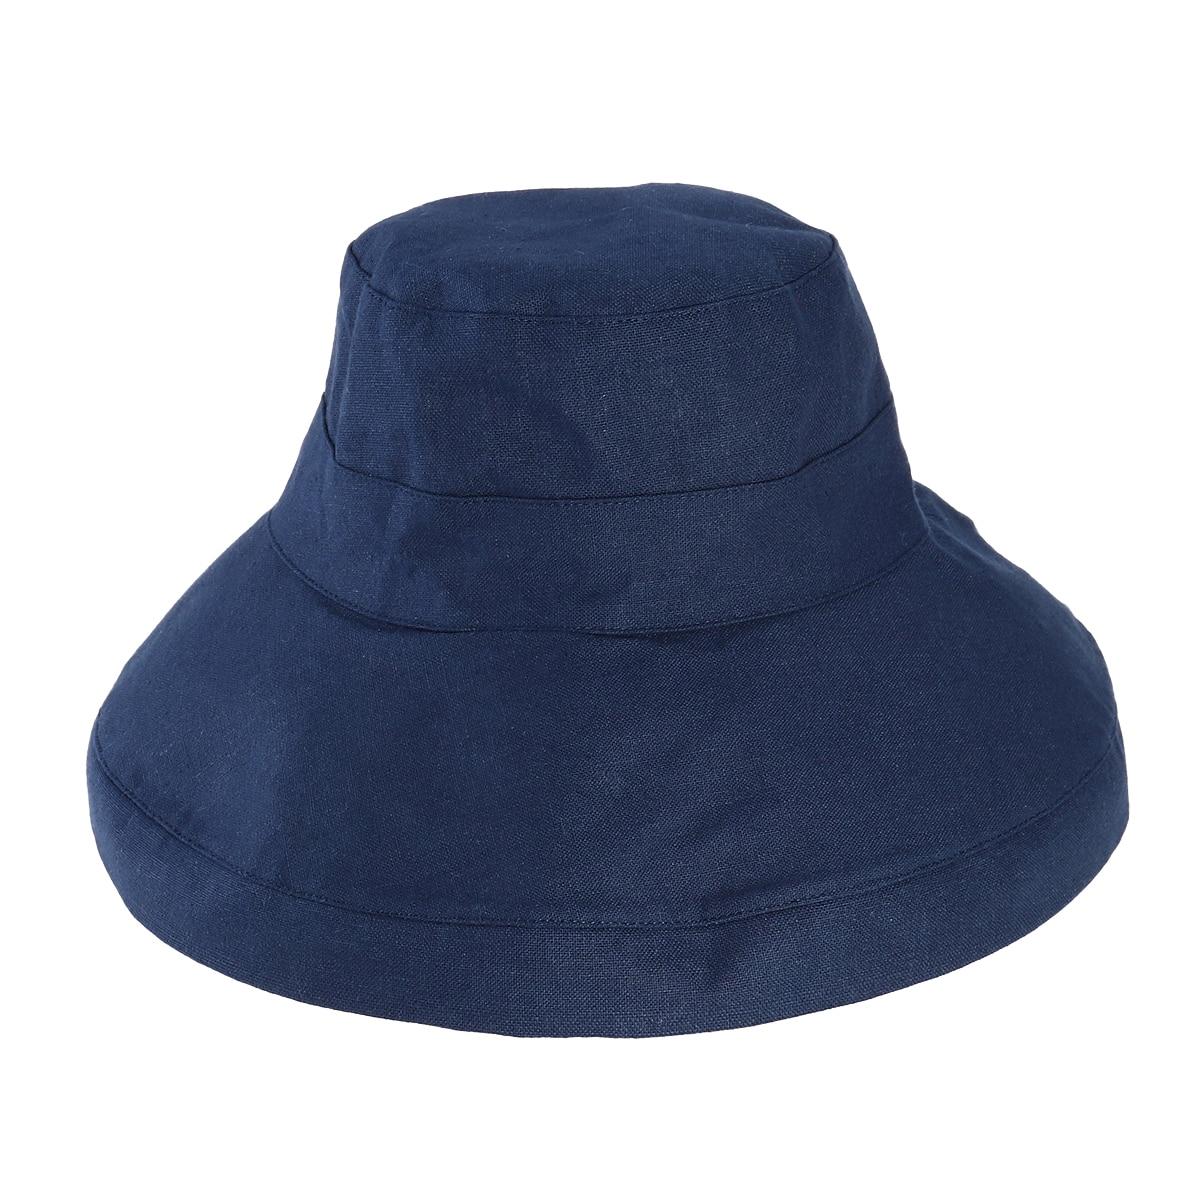 ef32e23610c78 1   Women   `s Sun Sun Protection UV Protección plegable Sombrero de cubo  de algodón de ala ancha (Dark Navy)